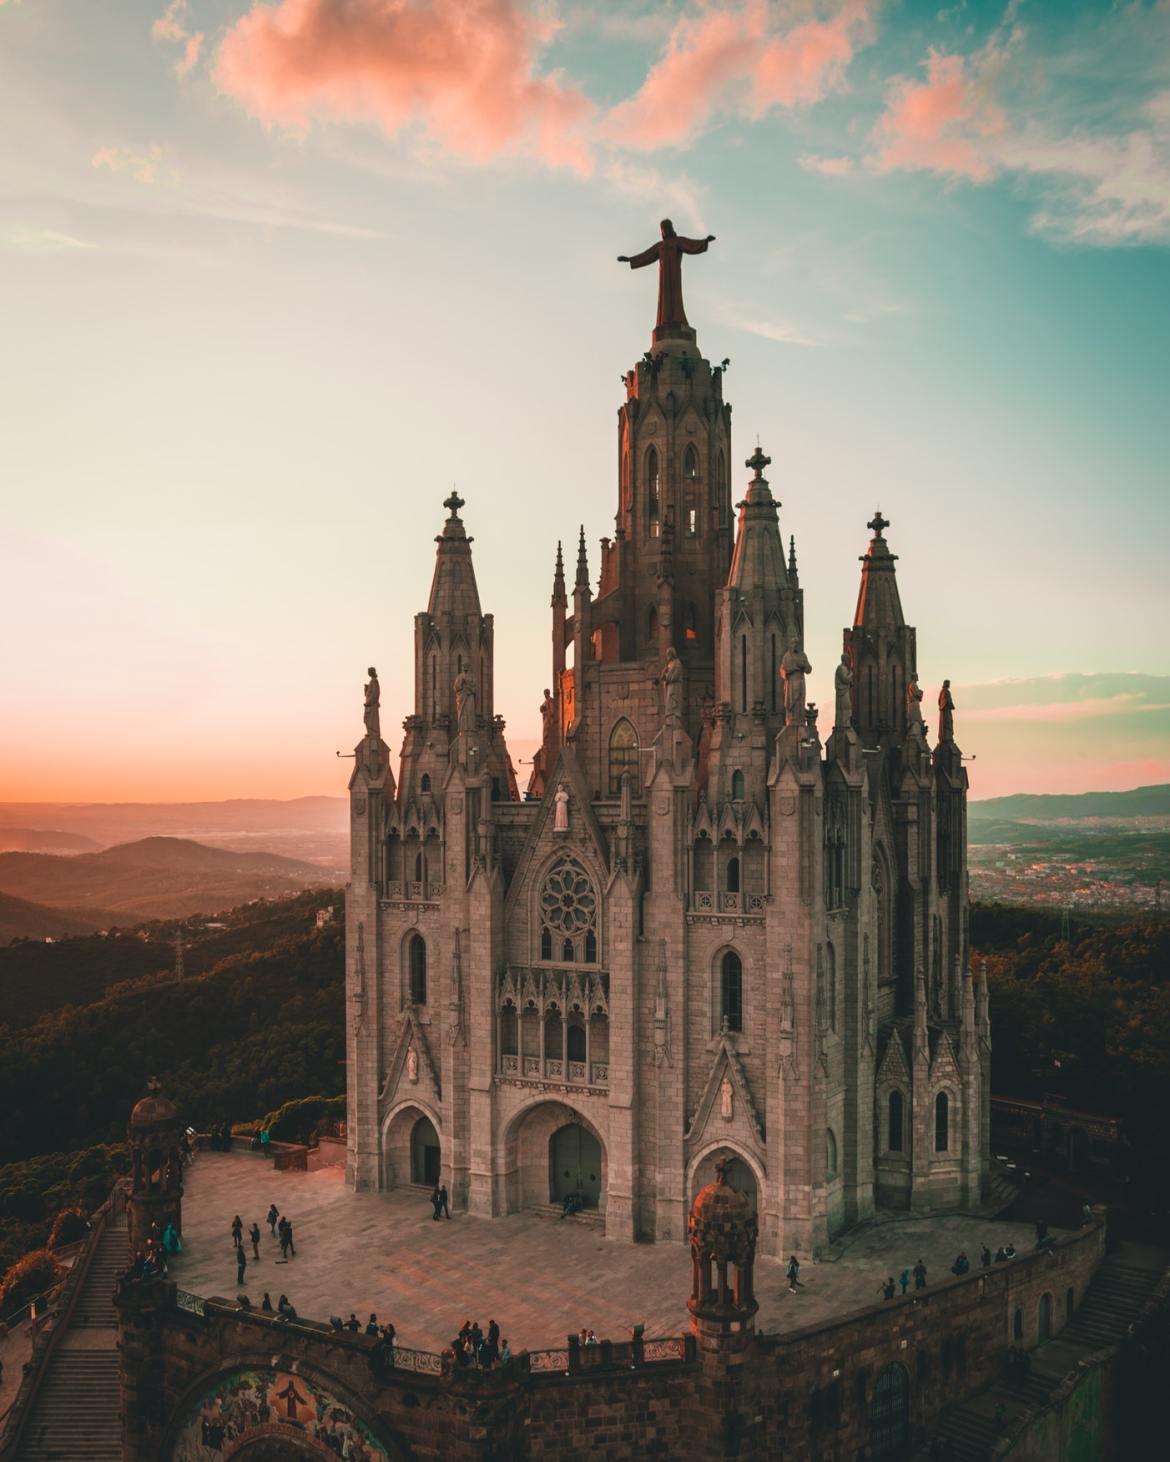 Tibidabo Kościół św. serca Jezusa Barcelona co zwiedzić i zobaczyc w barcelonie kościoły blog